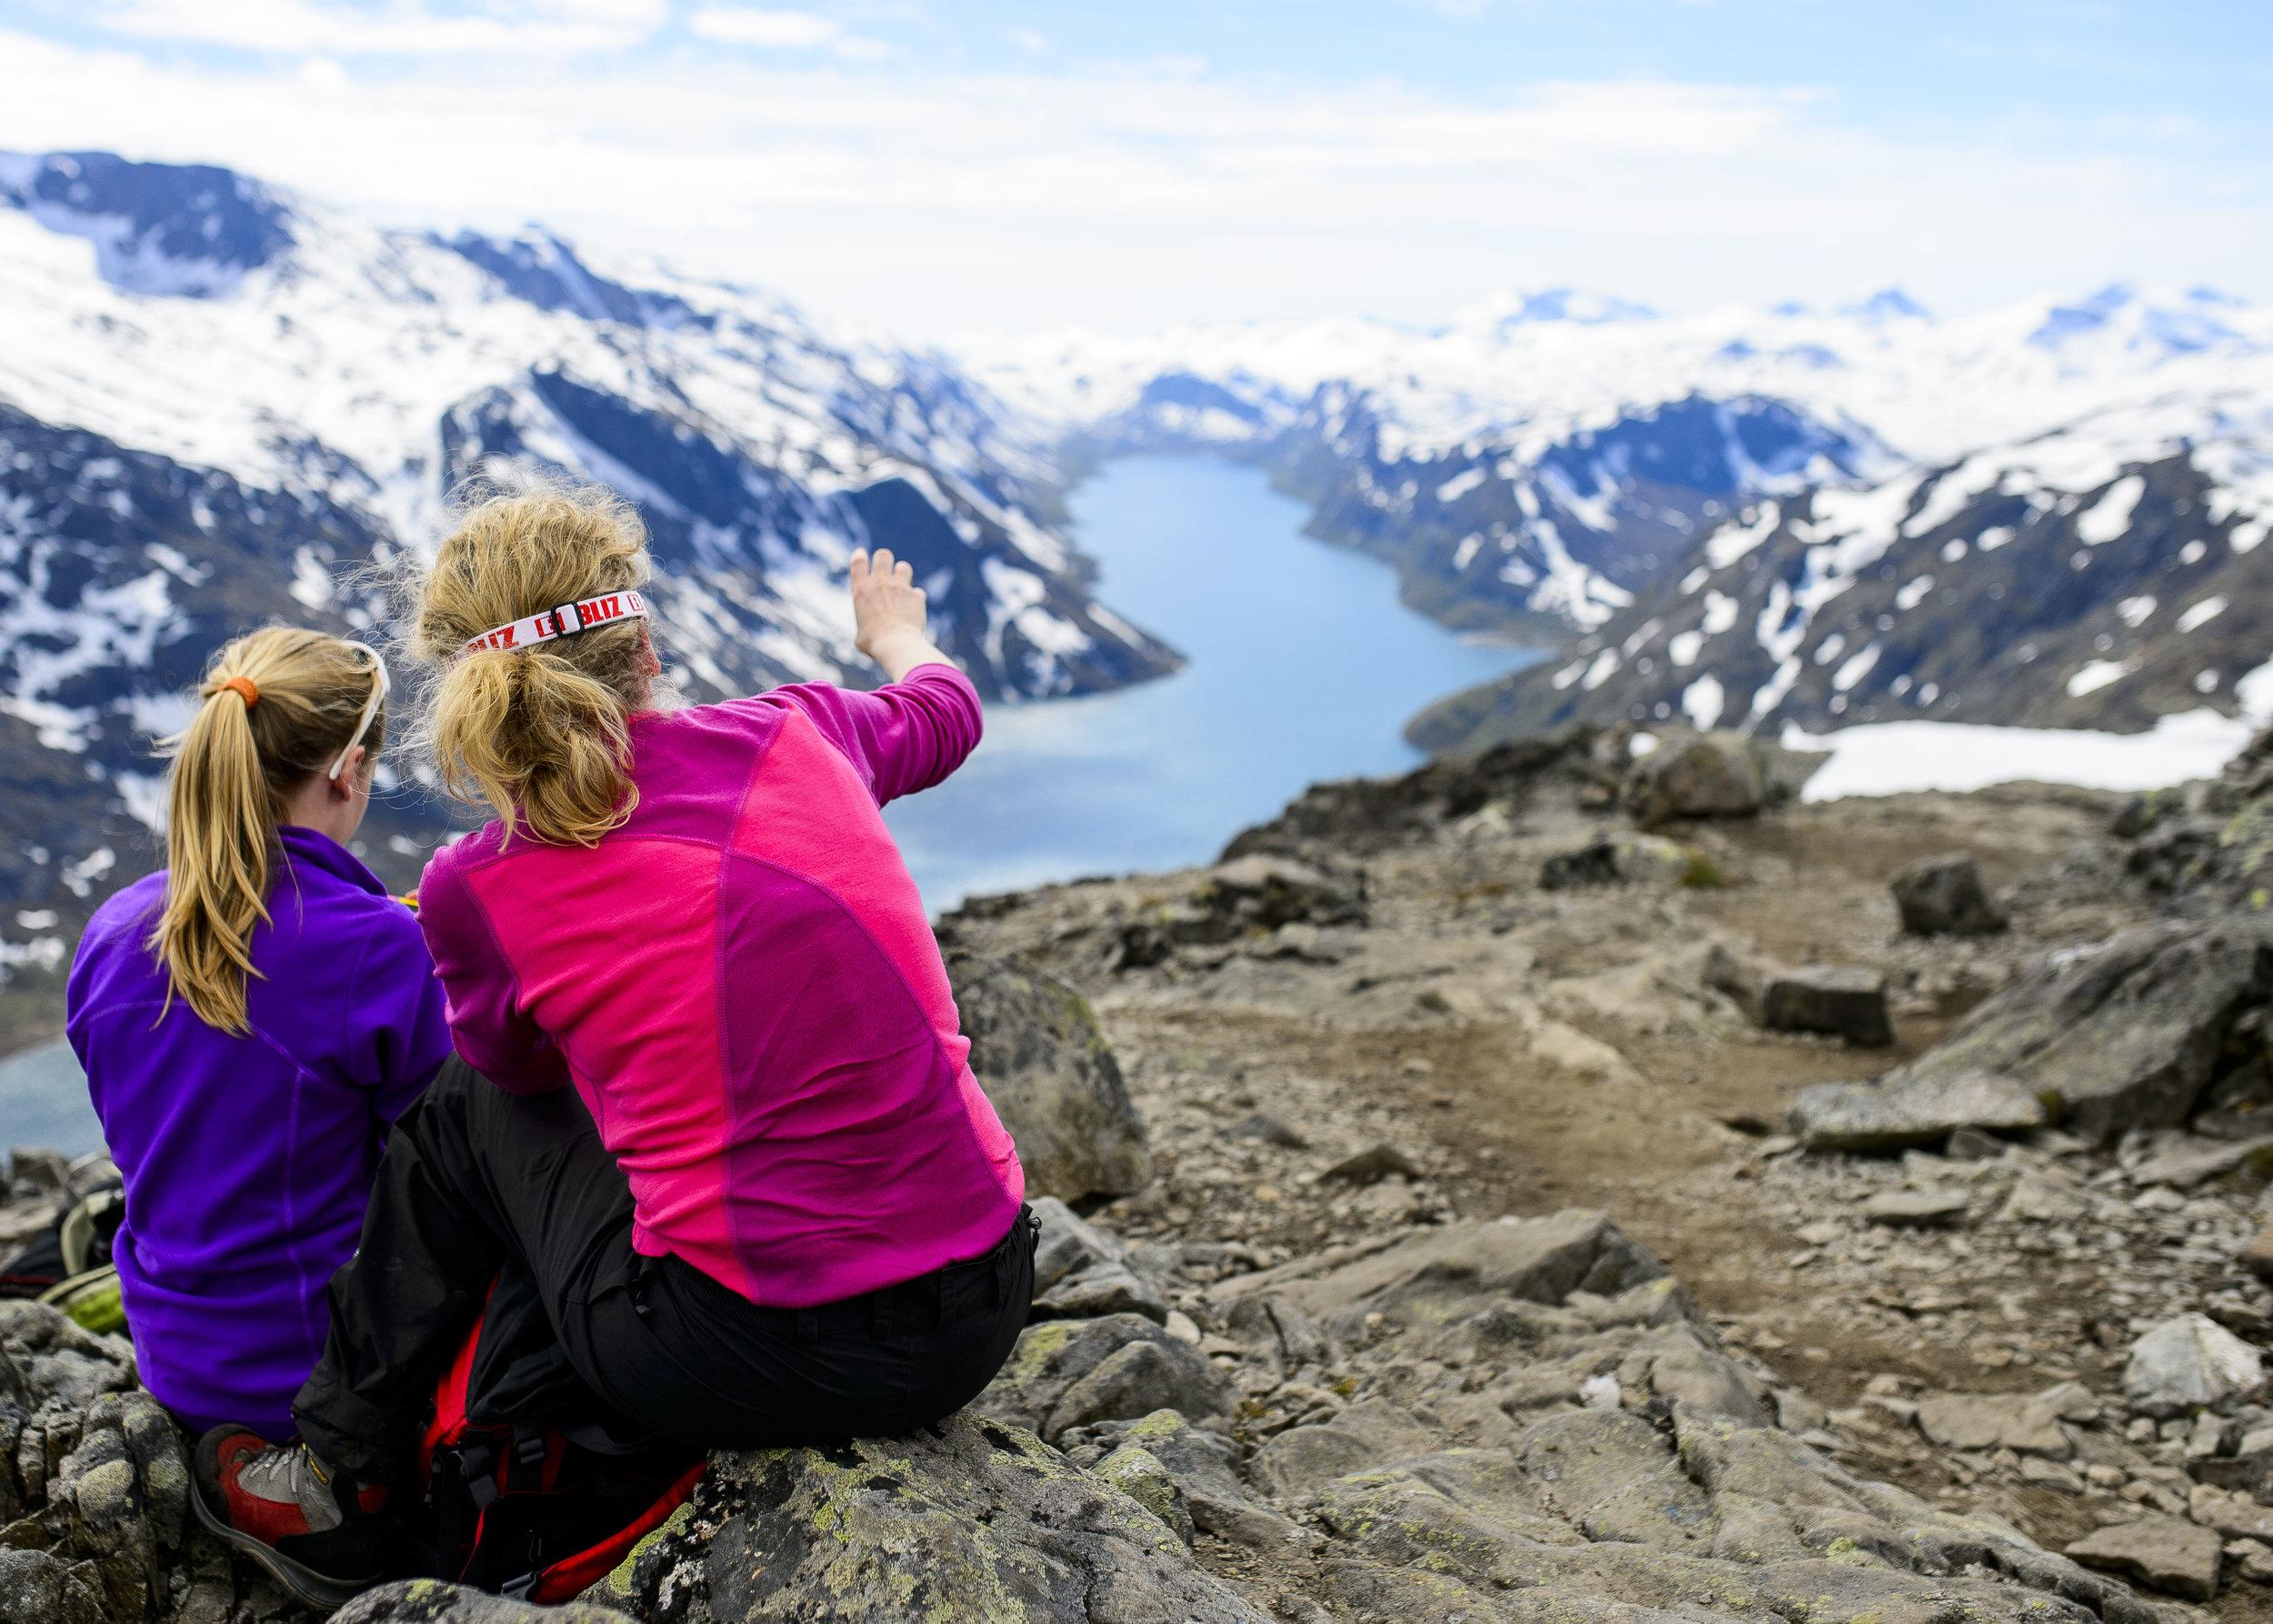 Utsikt til enda flere fine opplevelser i Norge i fjellet.  Foto: Marius D. Sætre/Turistforeningen